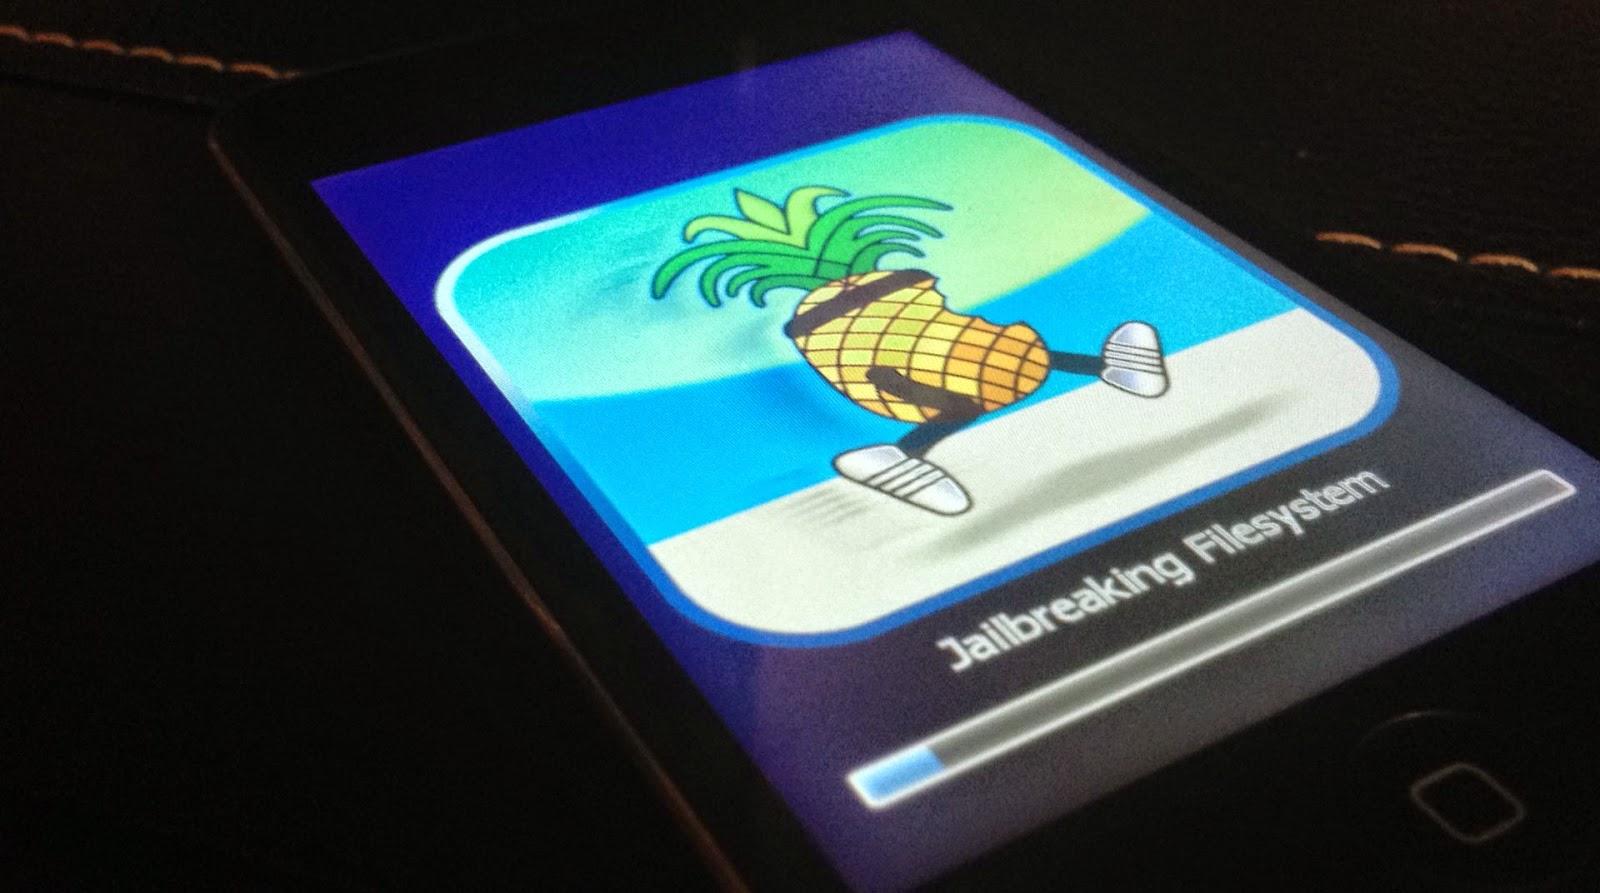 Привязанный джейлбрейк iOS 6.1.3 (для iPhone 3GS/4 и iPod touch 4G)